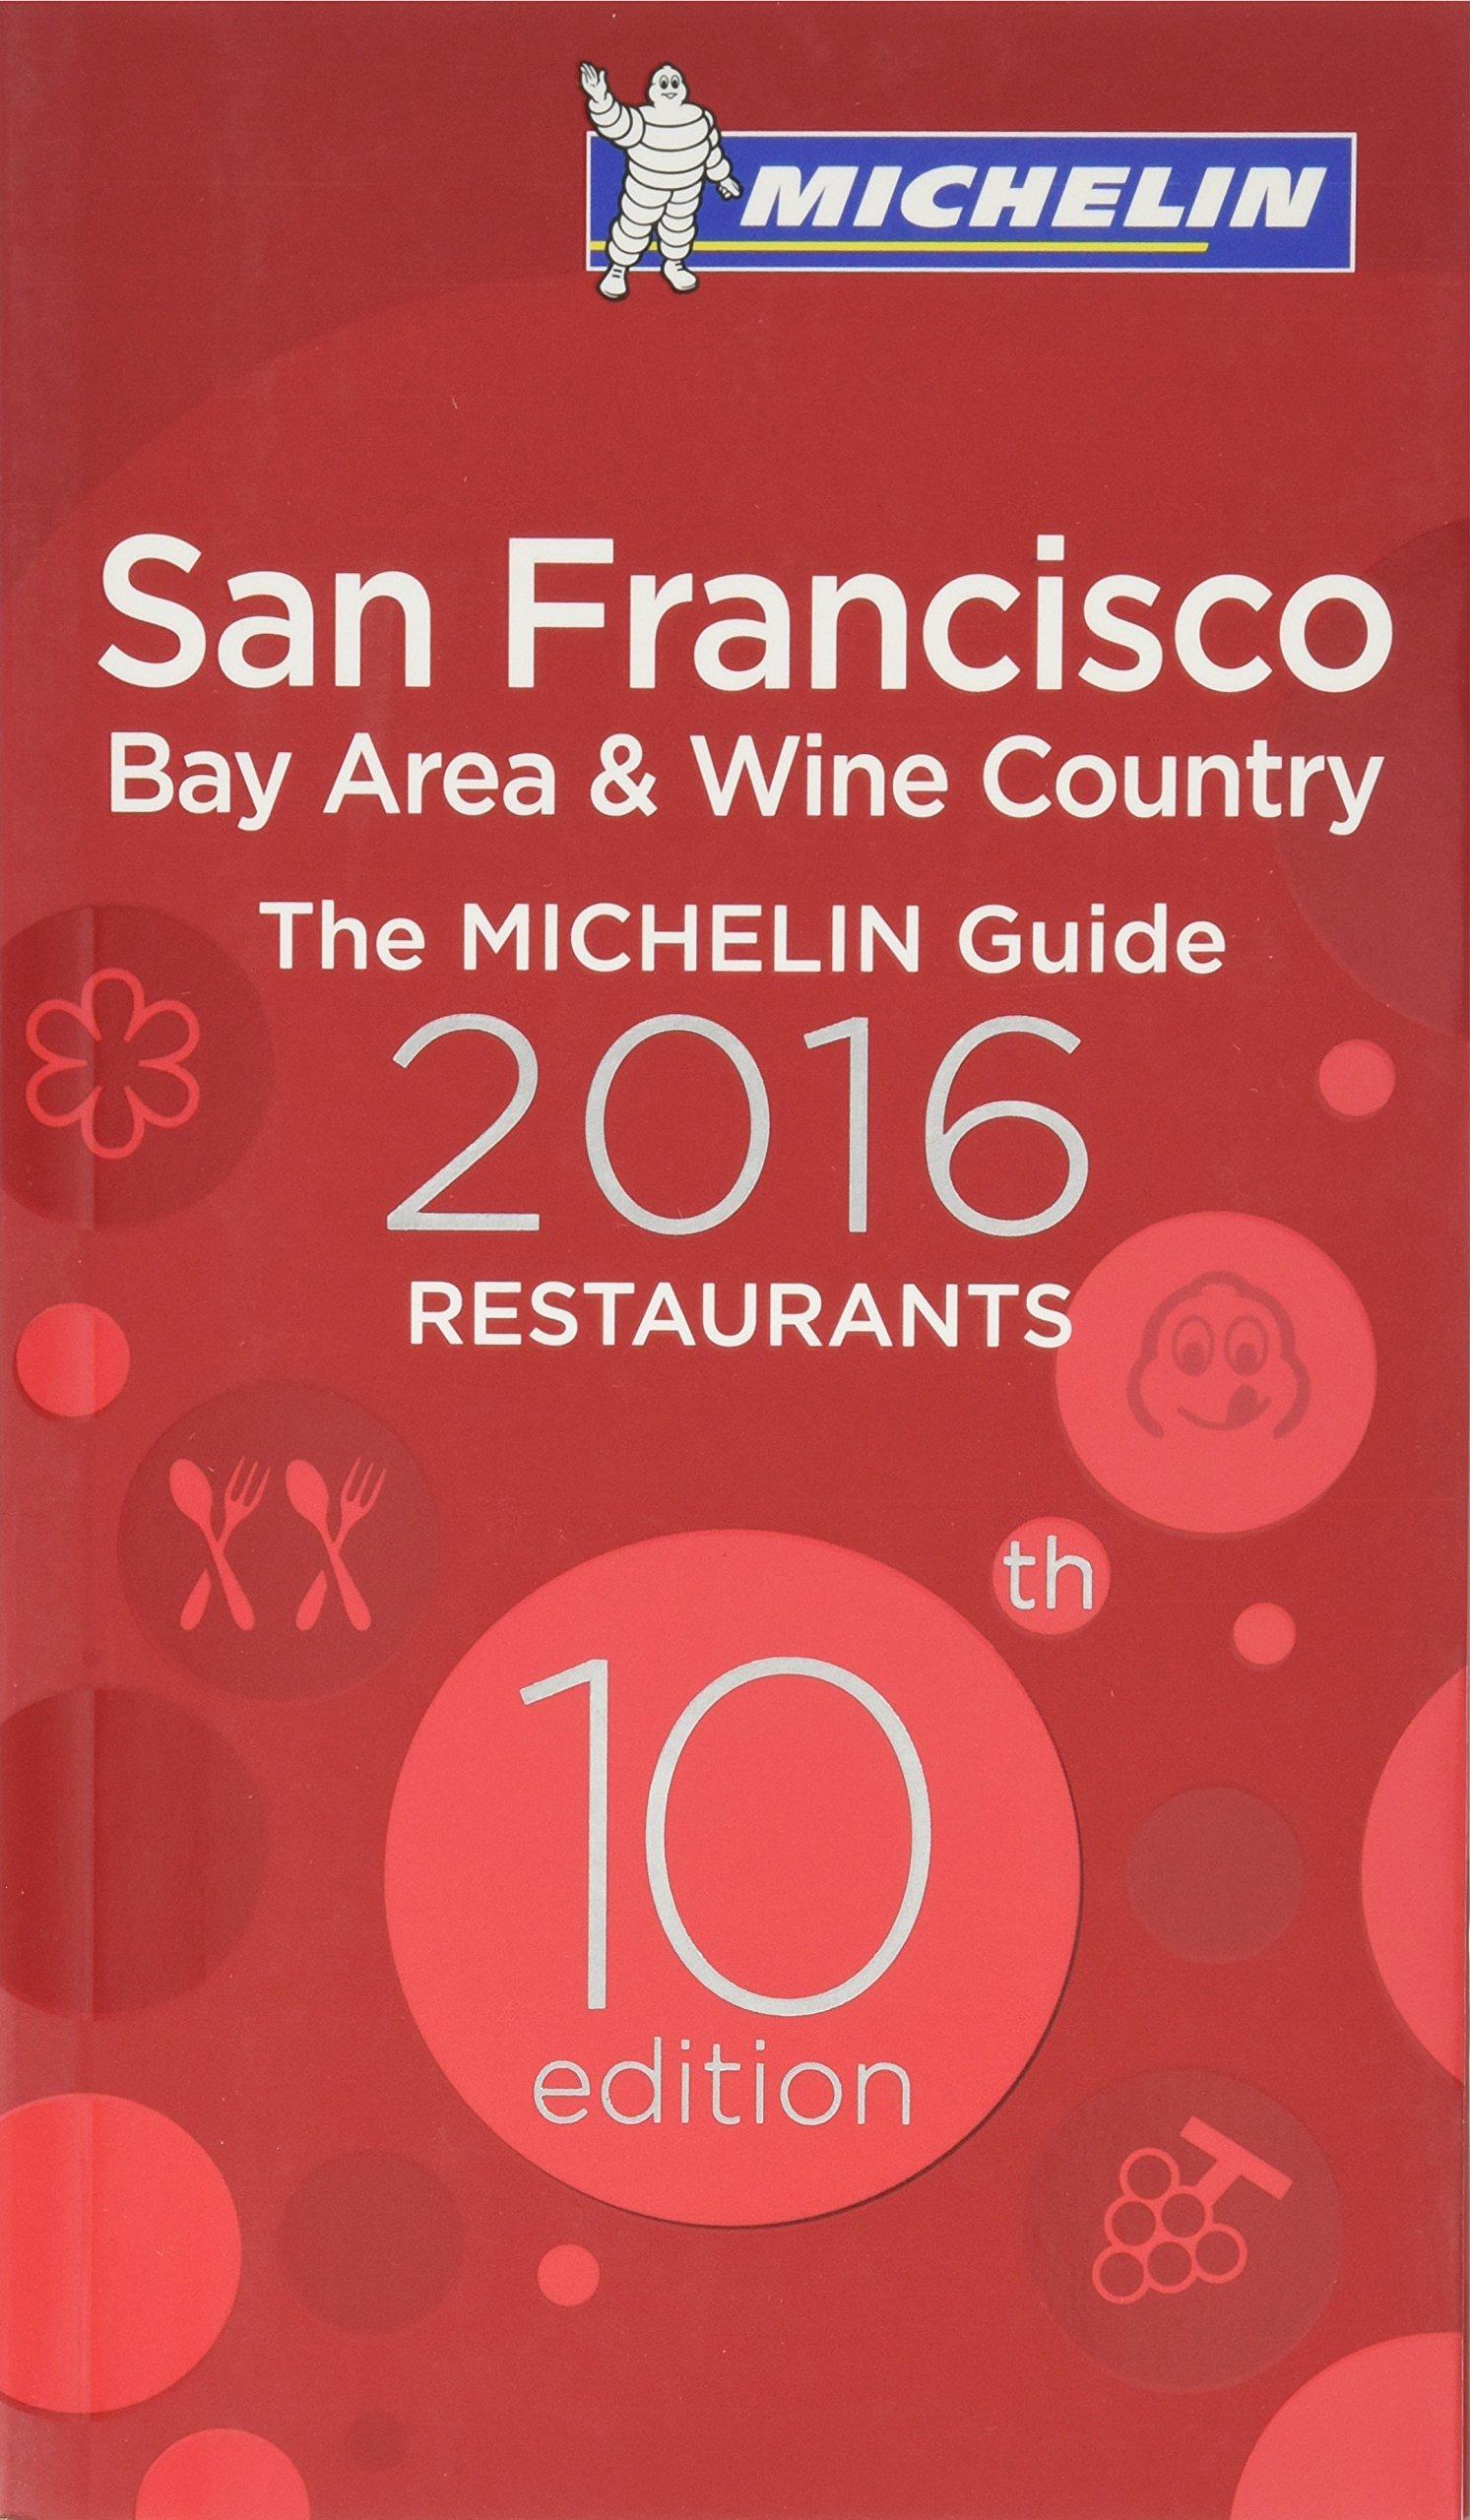 Read Online MICHELIN Guide San Francisco 2016: Bay Area & Wine Country (Michelin Guide/Michelin) PDF